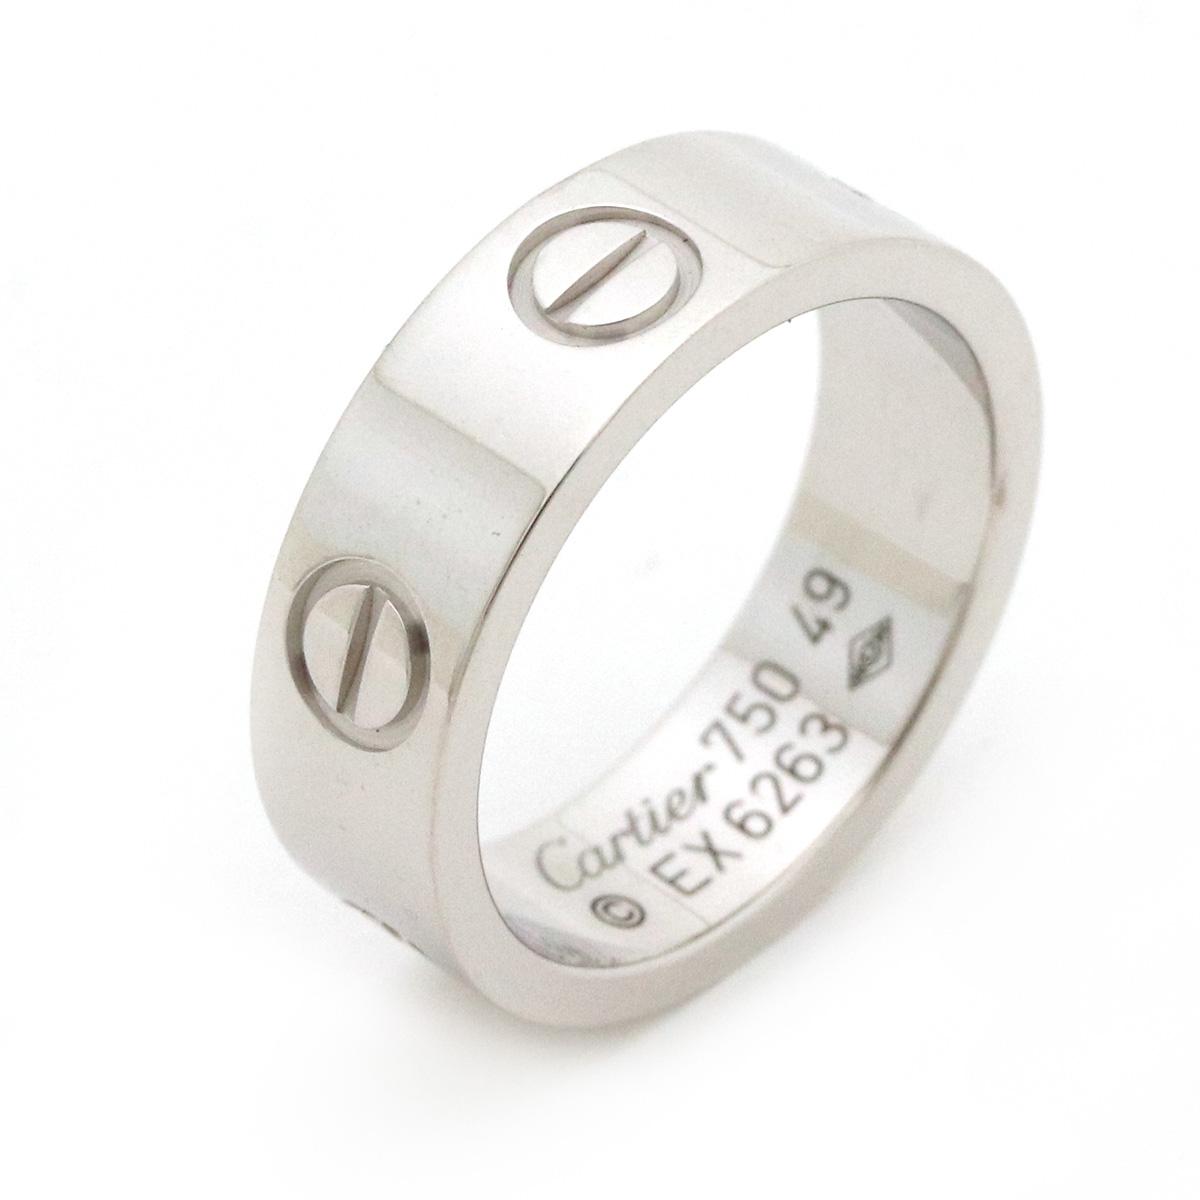 【ジュエリー】【新品仕上げ済】Cartier カルティエ ラブリング 指輪 ウエディングリング K18WG 750WG ホワイトゴールド 9号 #49 B4084700 【中古】